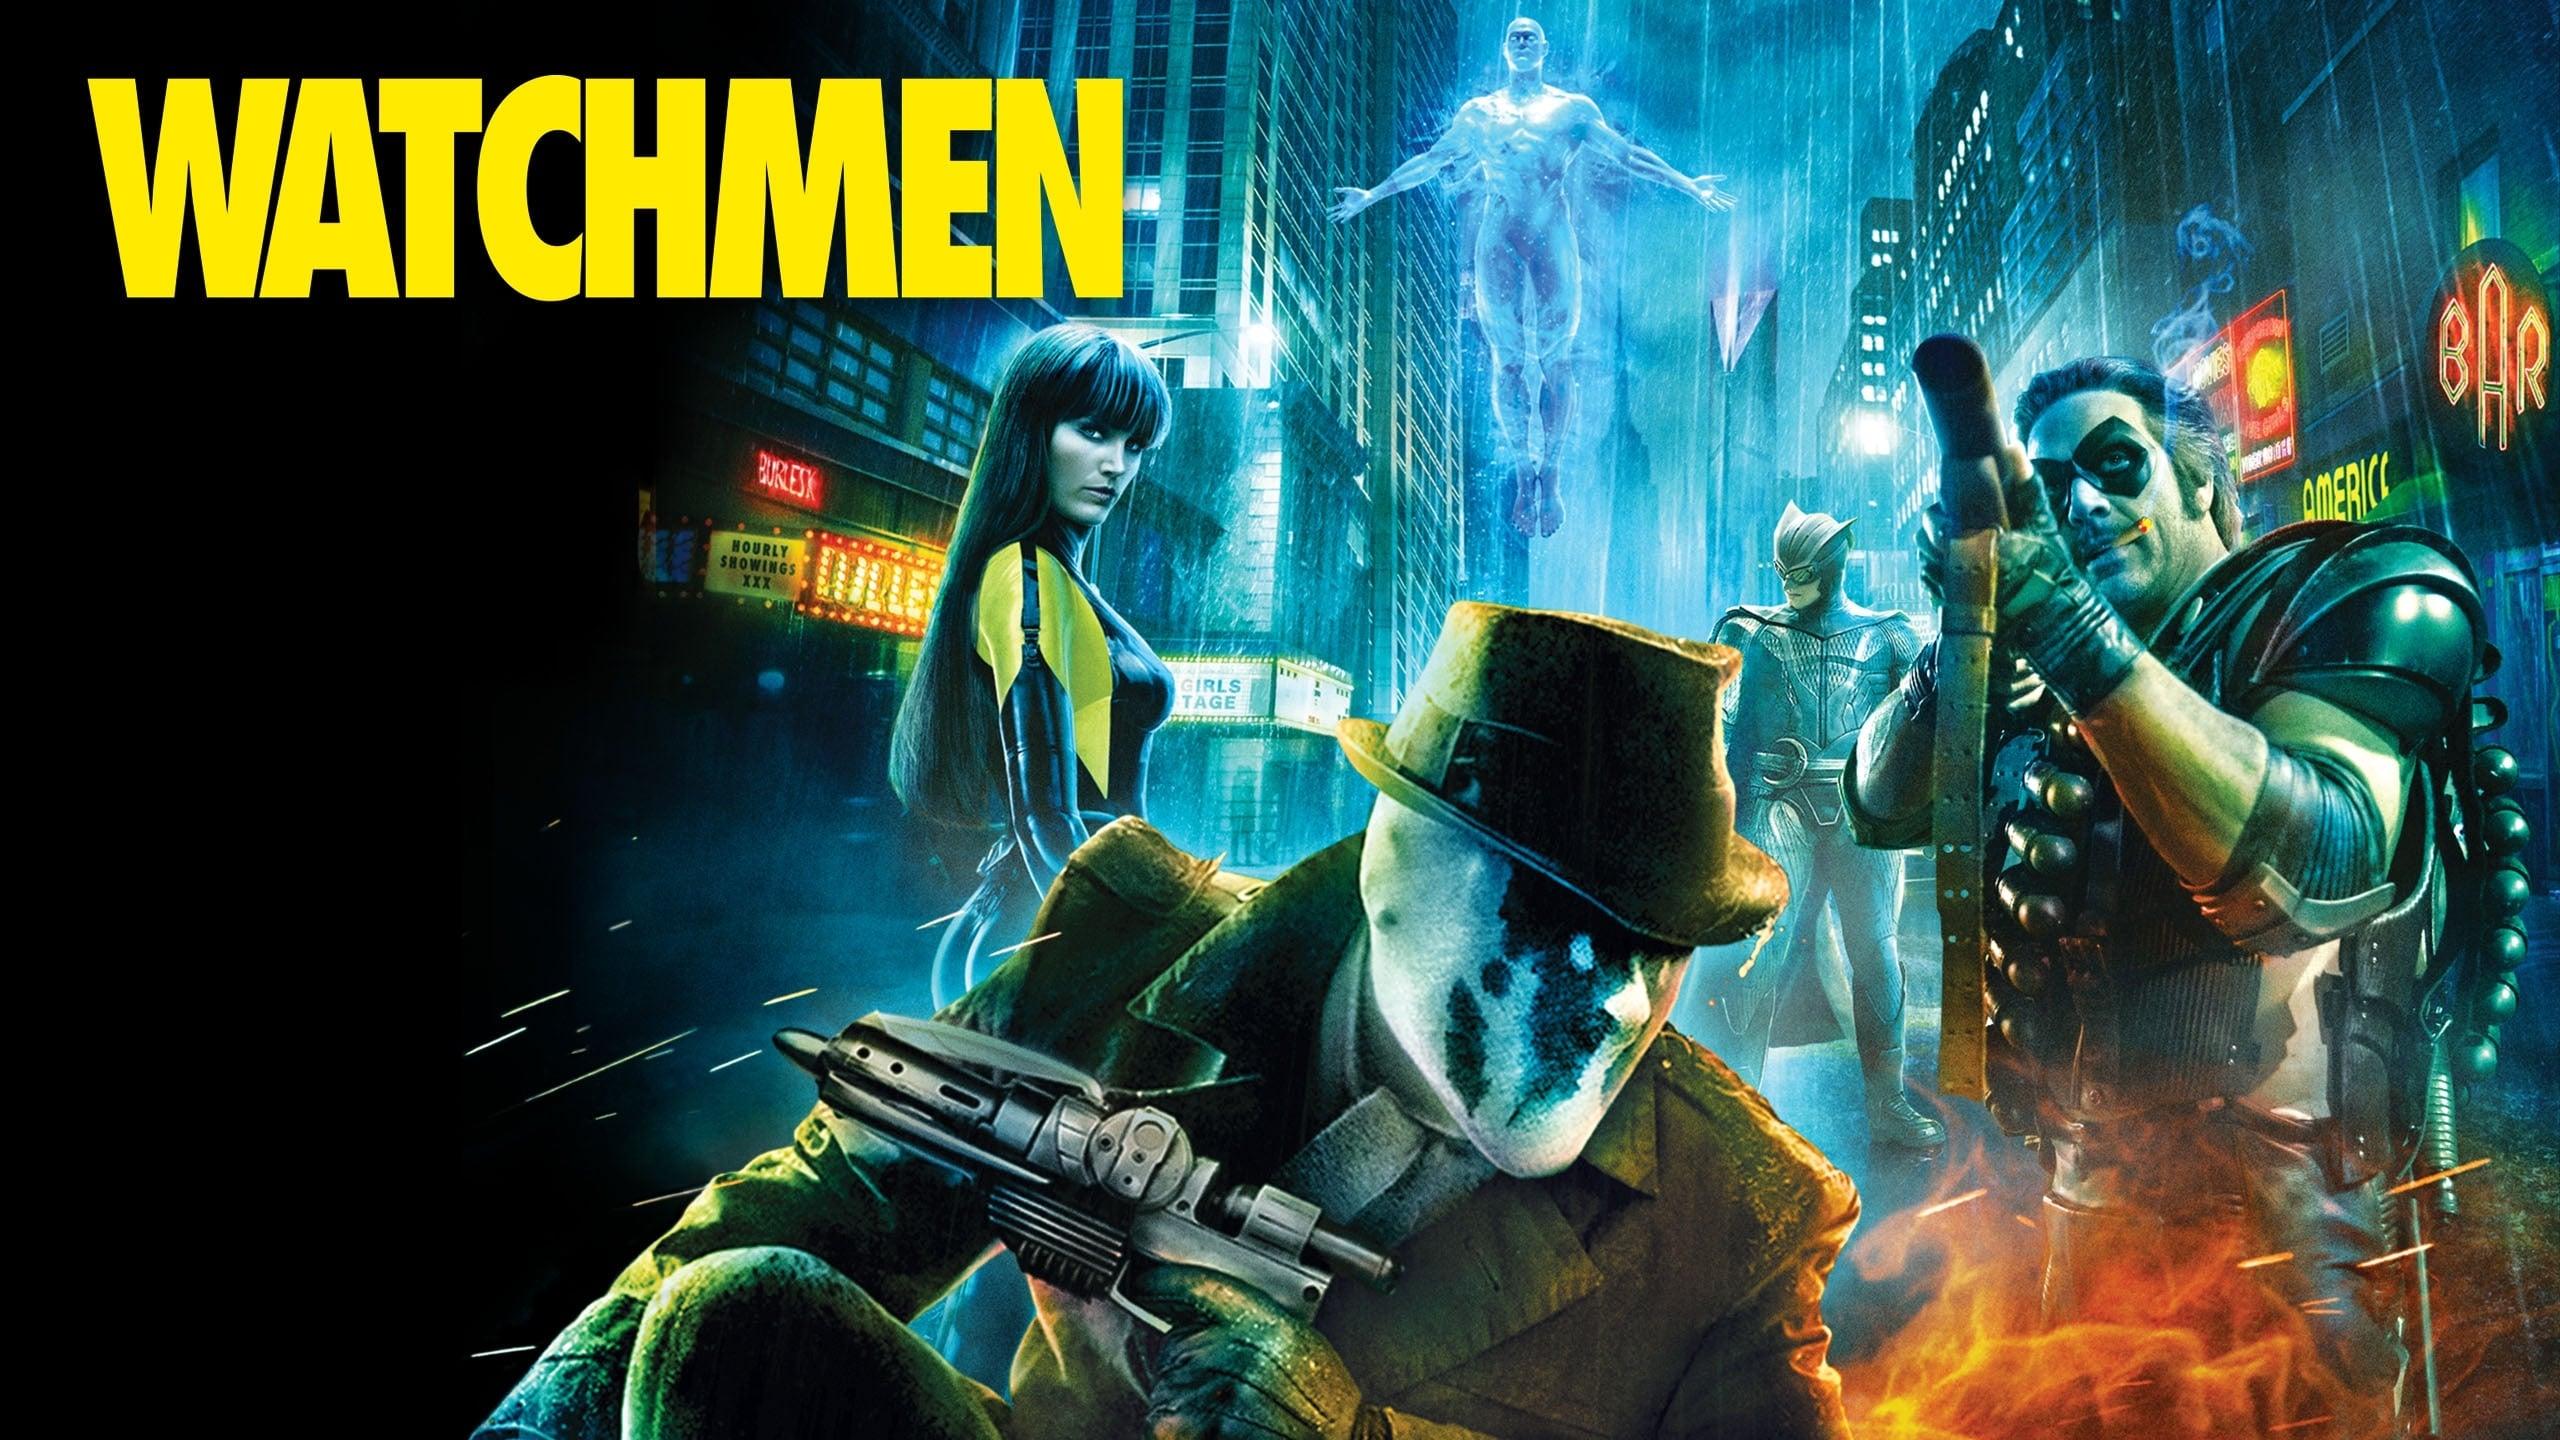 Movie Watchmen 2560x1440